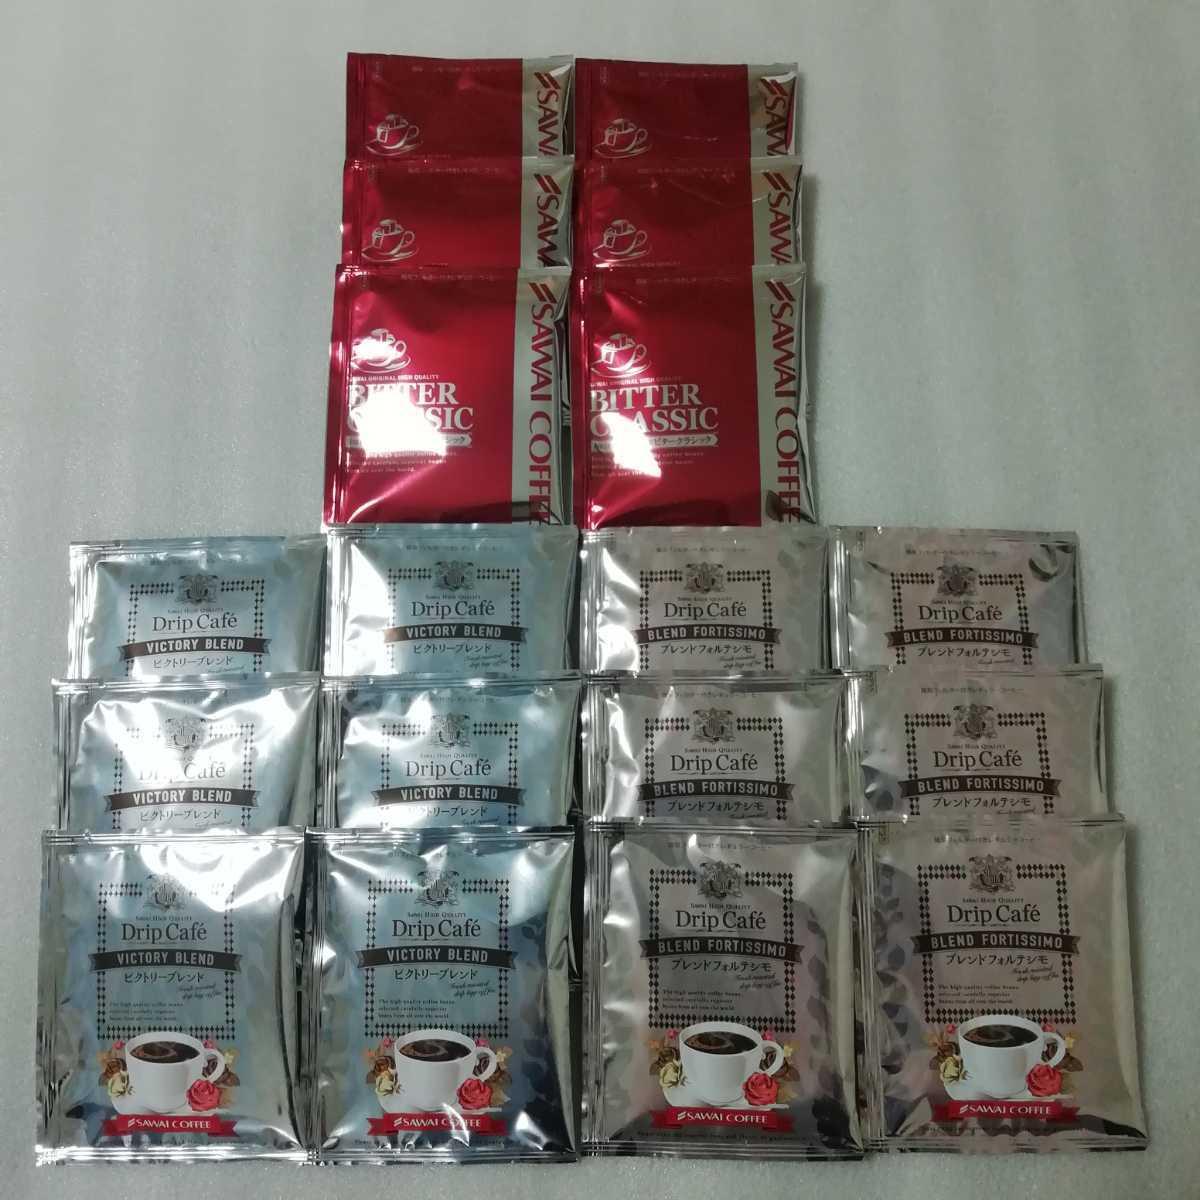 3種類18袋 澤井珈琲 ドリップコーヒー ビクトリーブレンド ブレンドフォルテシモ ビタークラシック_画像1